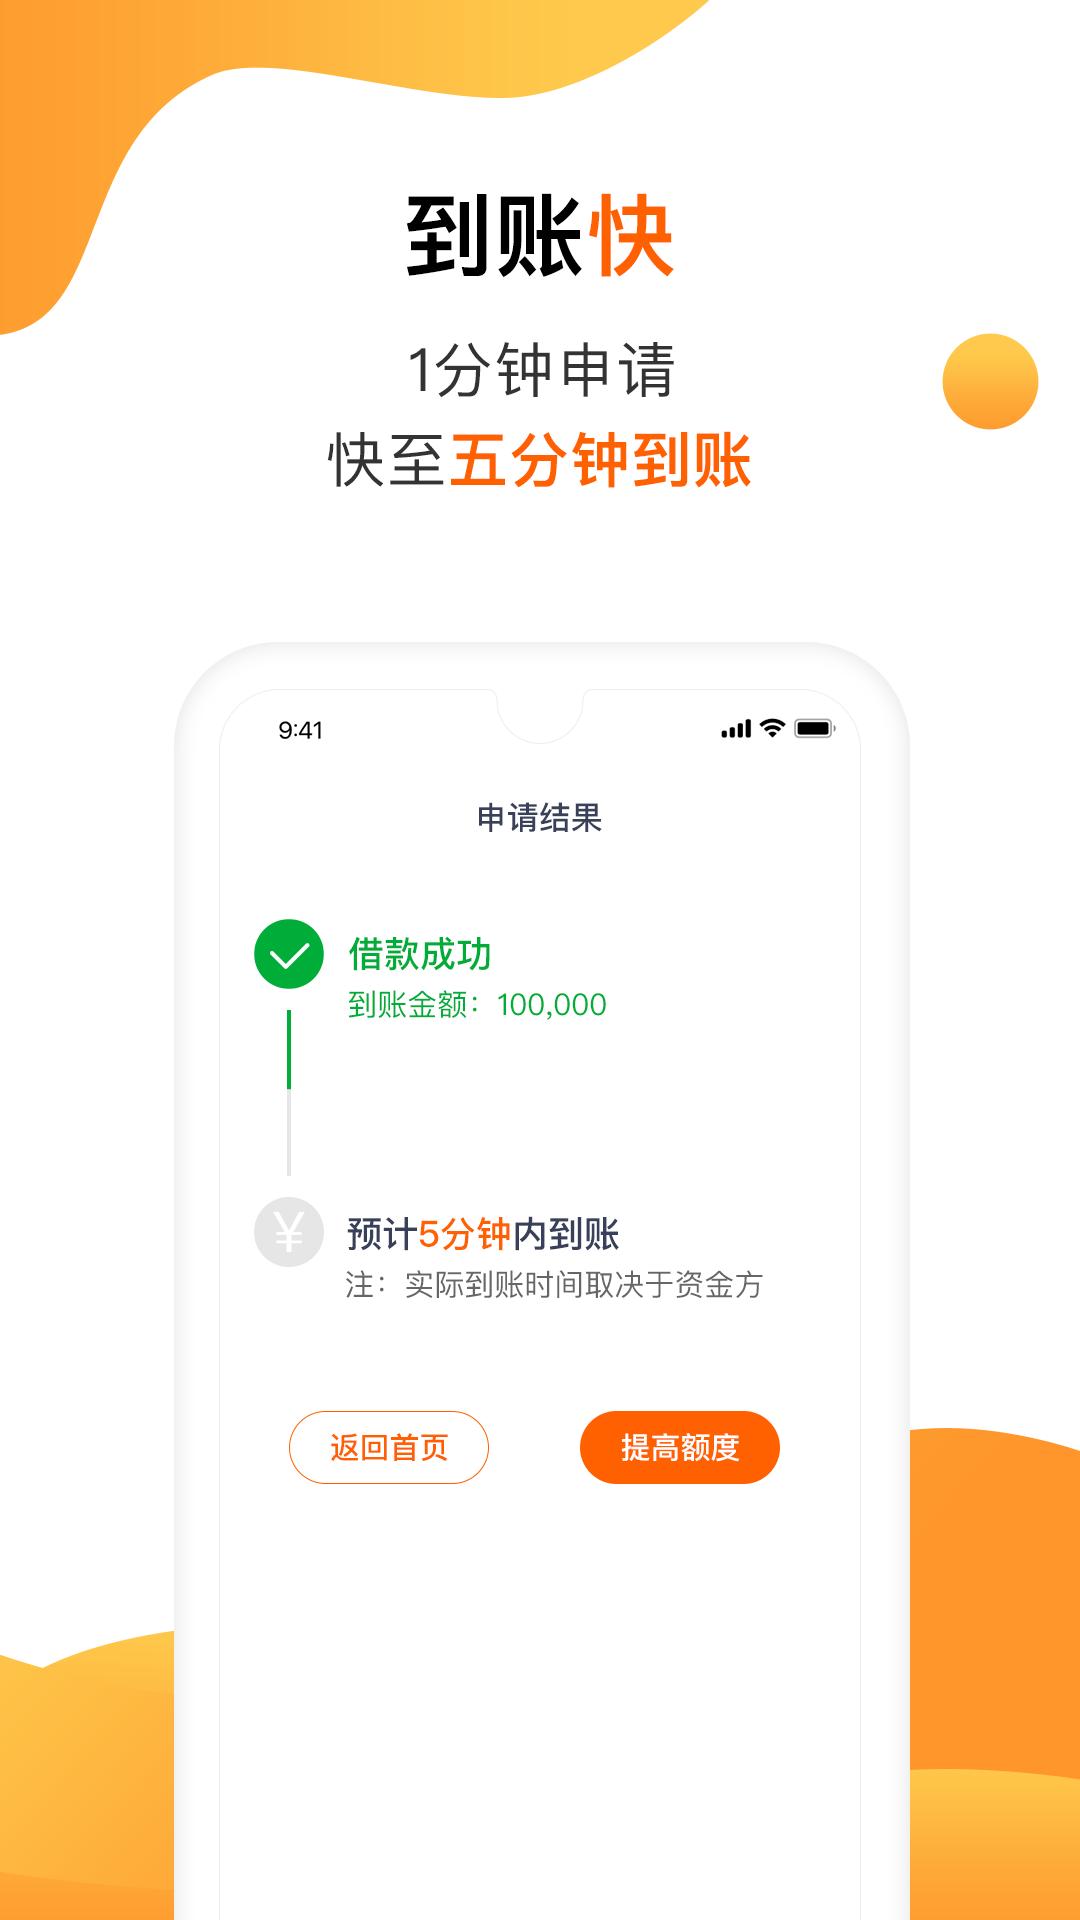 助力钱包手机版_助力钱包安卓版下载